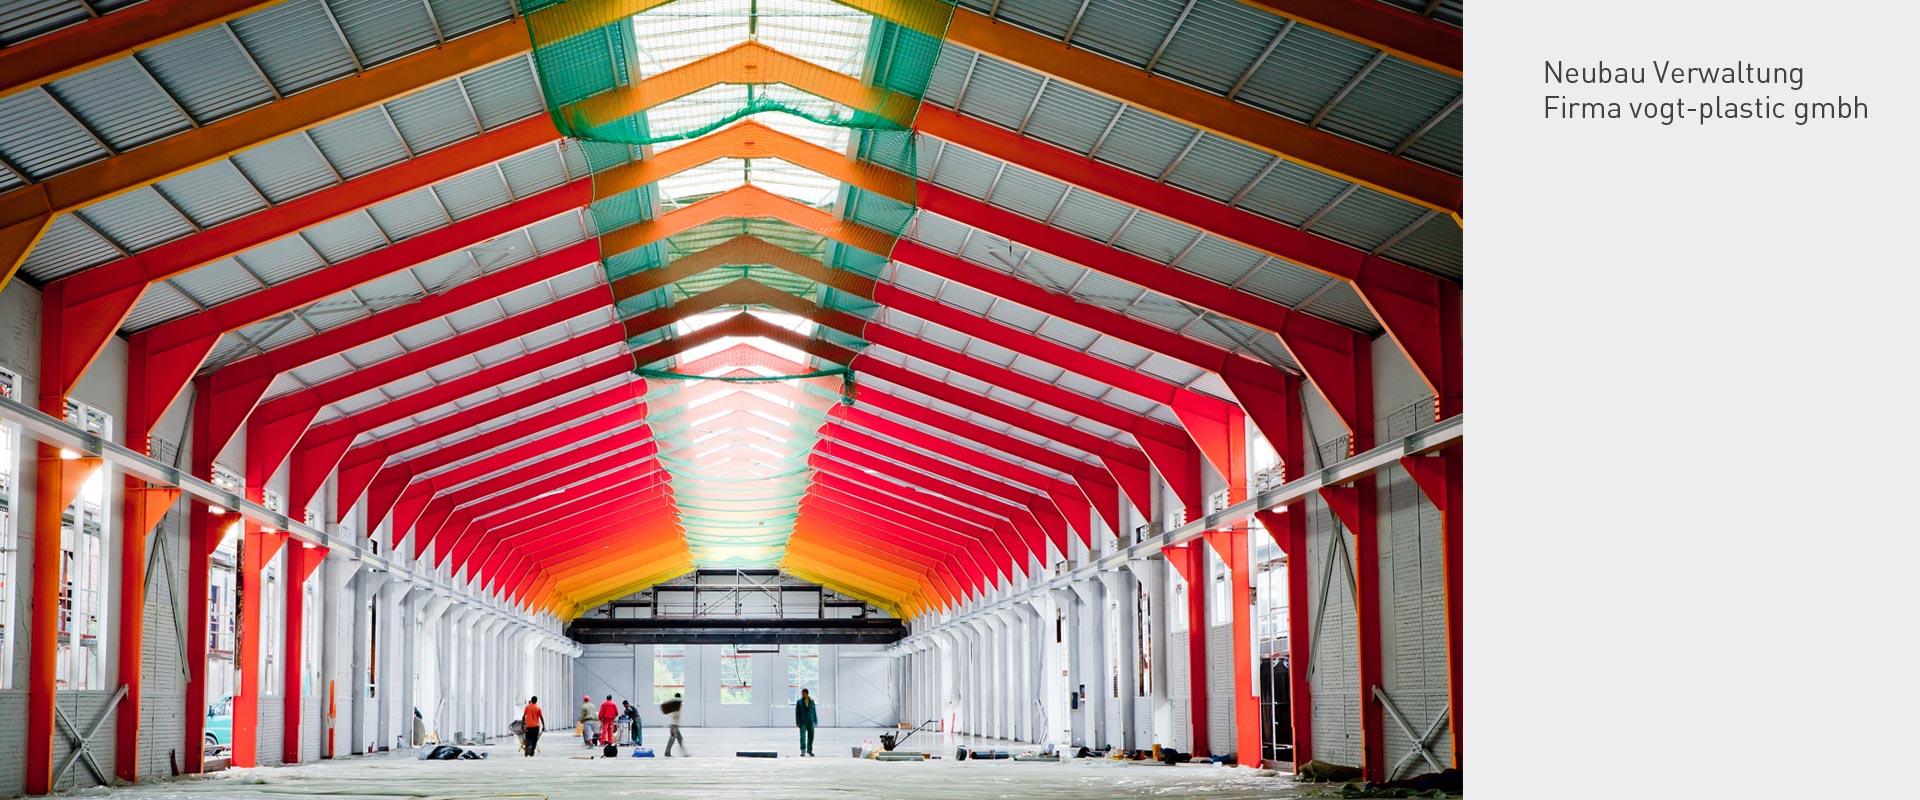 architekturbüro musahl waldshut Industriebau vogt GmbH